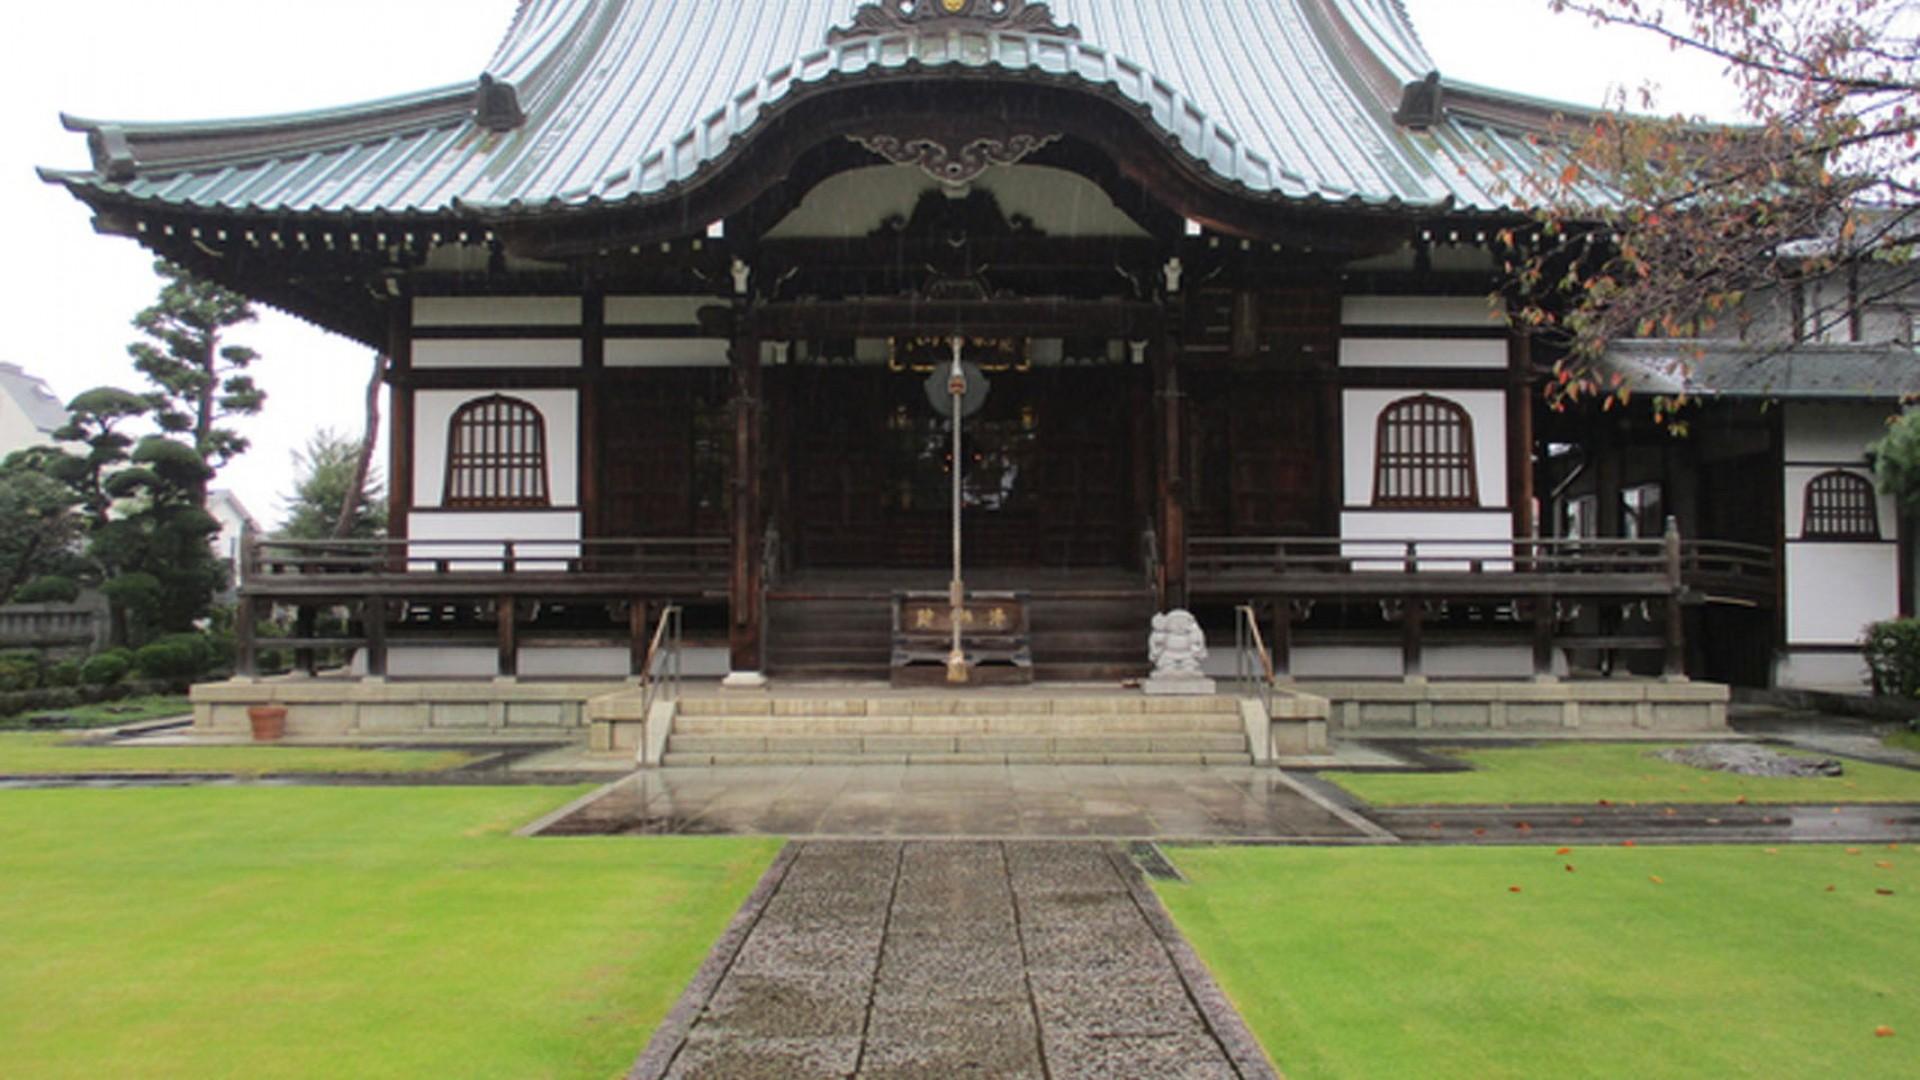 Saimyoji